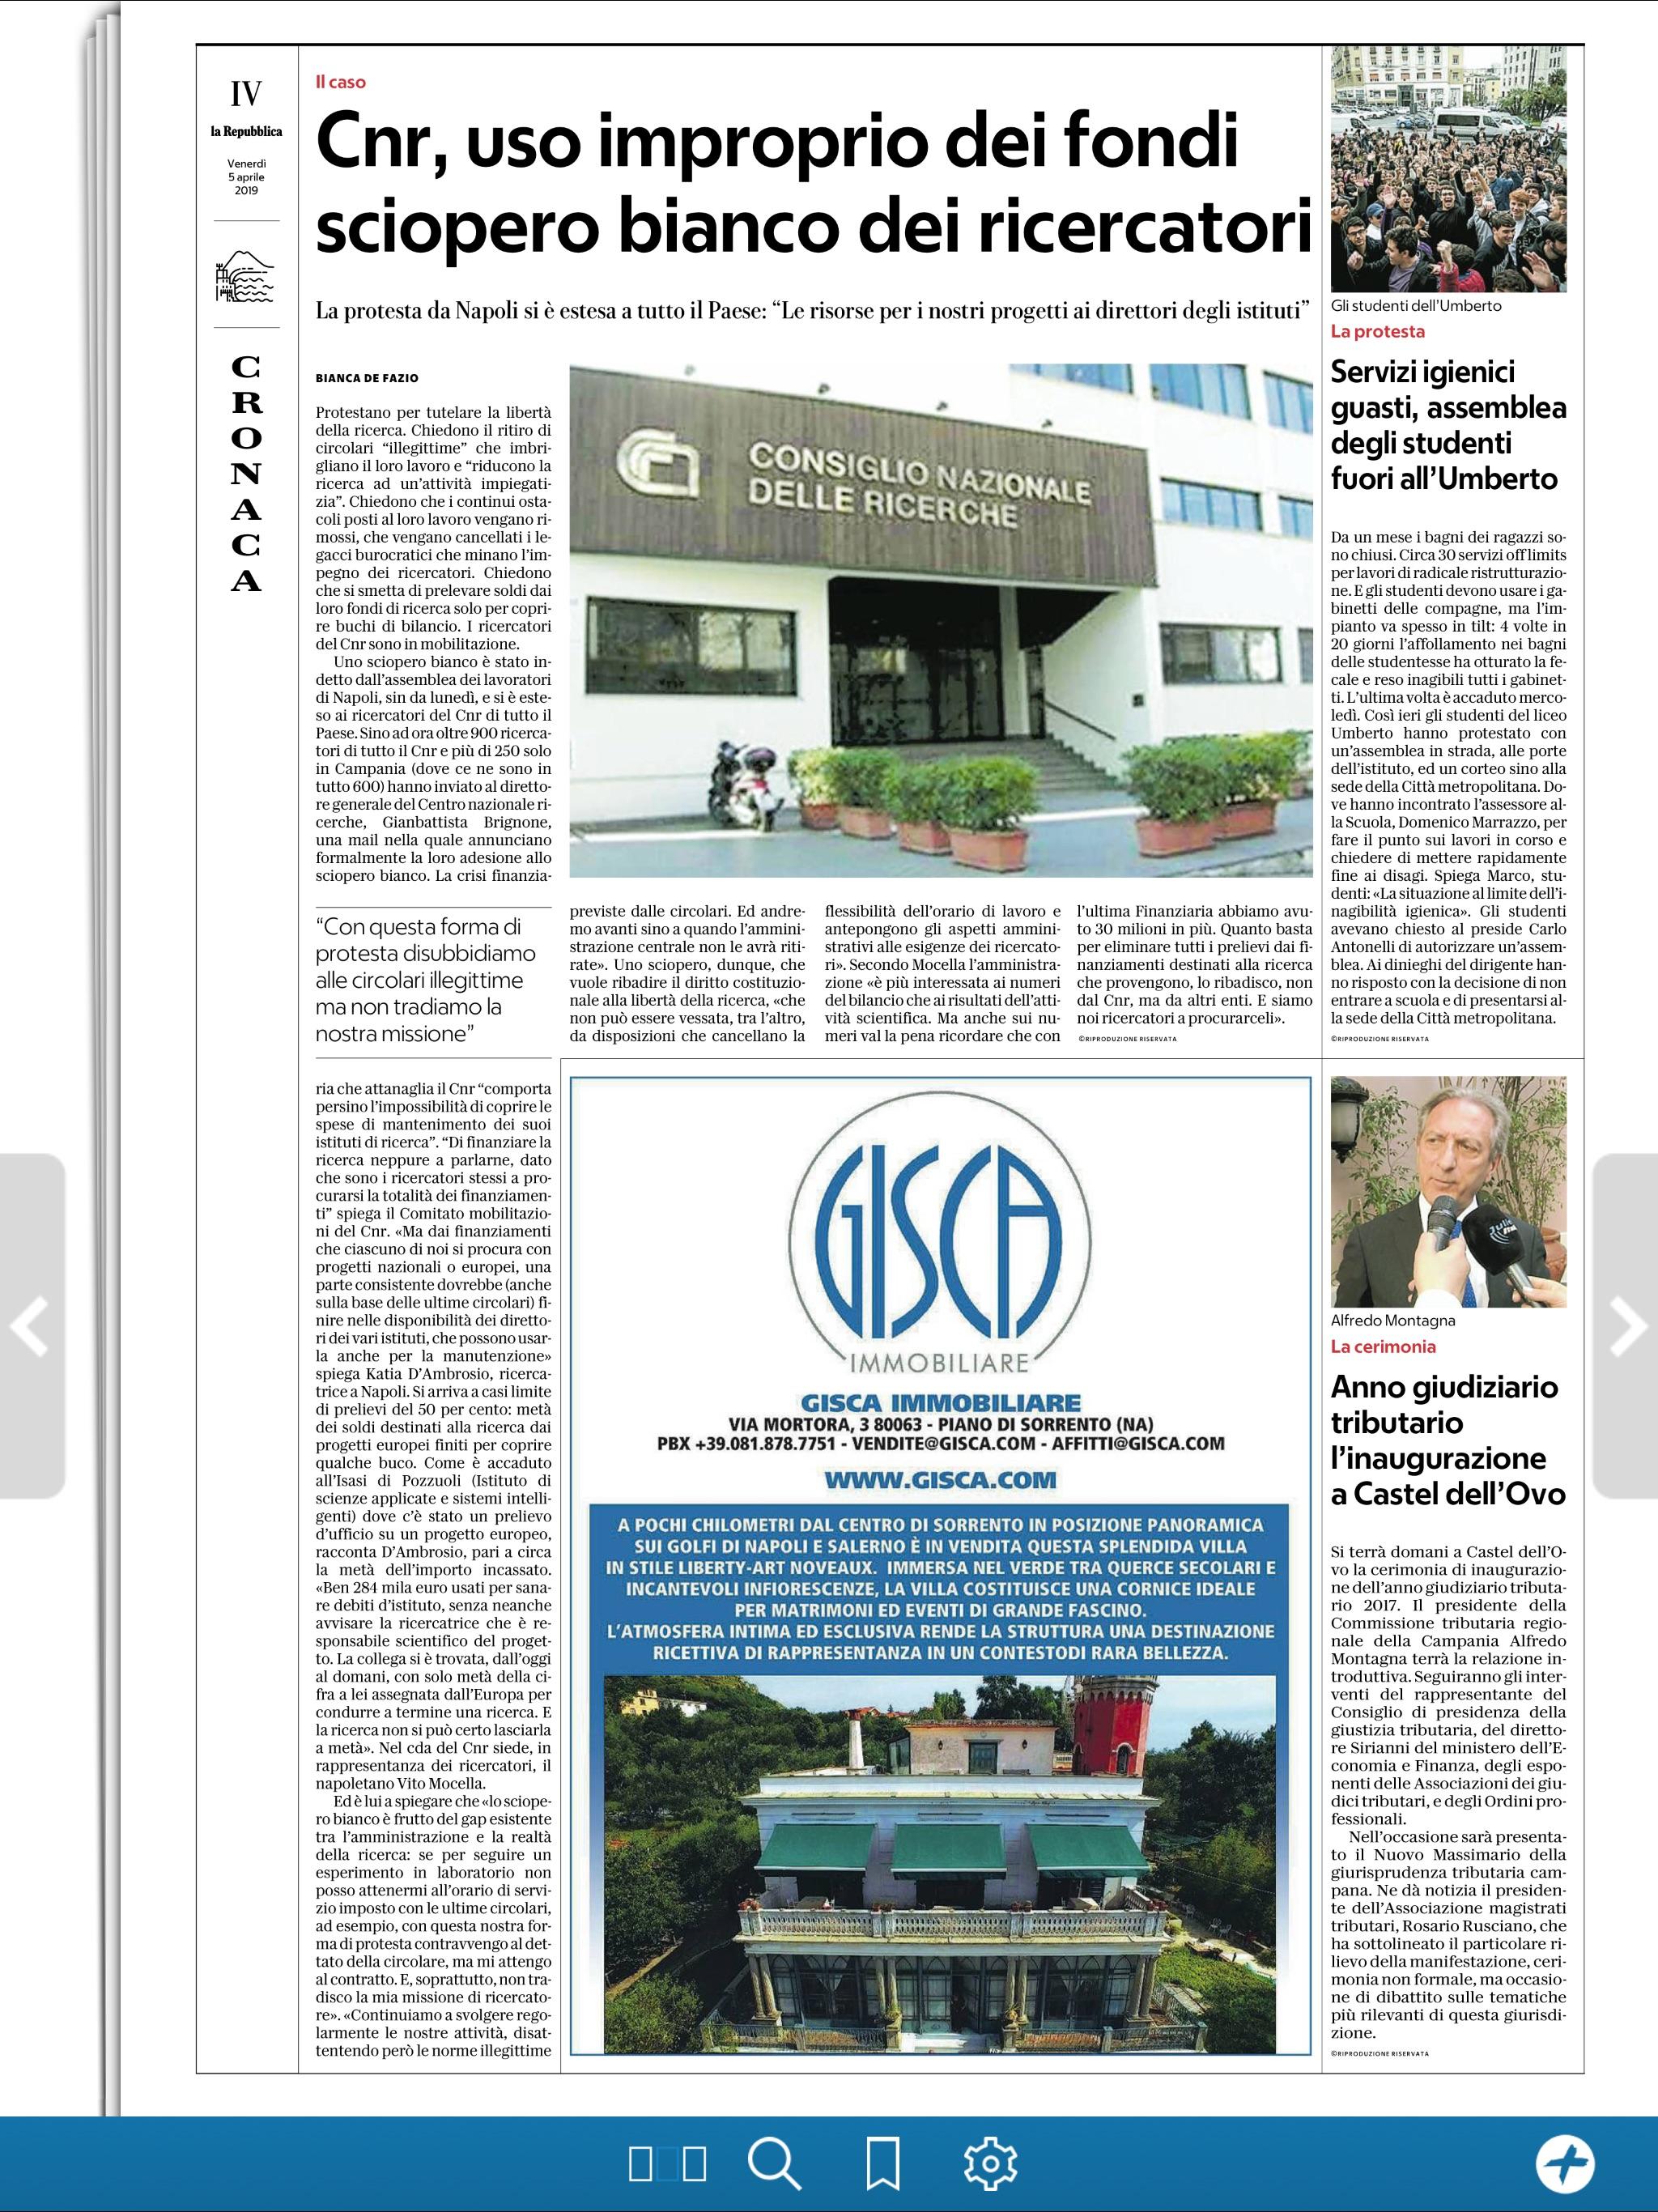 CNR: uso improprio dei fondi, sciopero bianco dei ricercatori